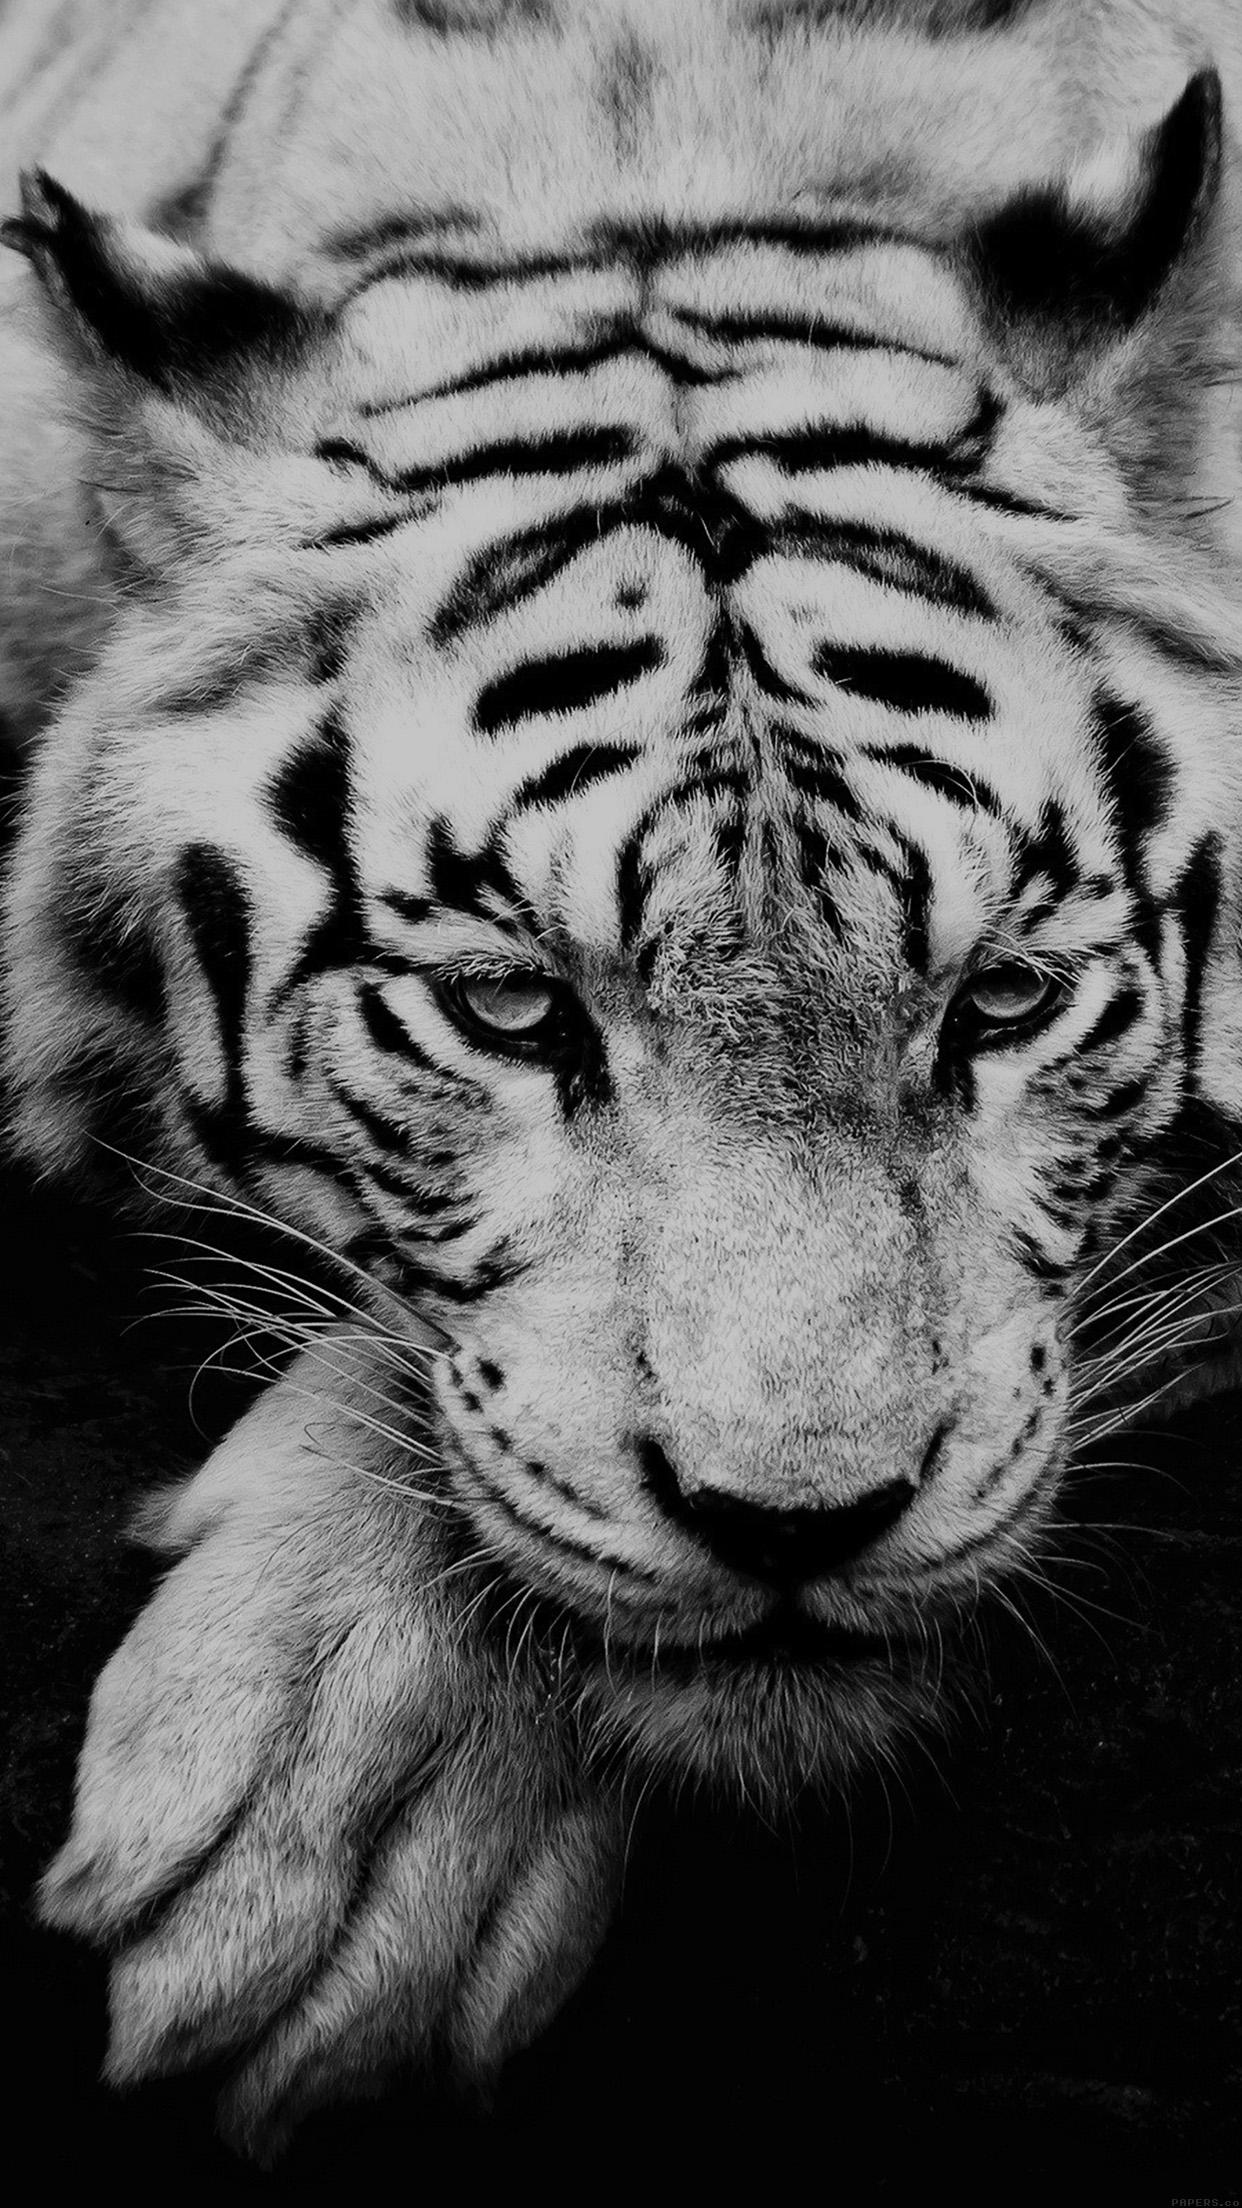 Tiger IPhone 6 Plus HD Wallpaper IPod Wallpaper HD 1242x2208